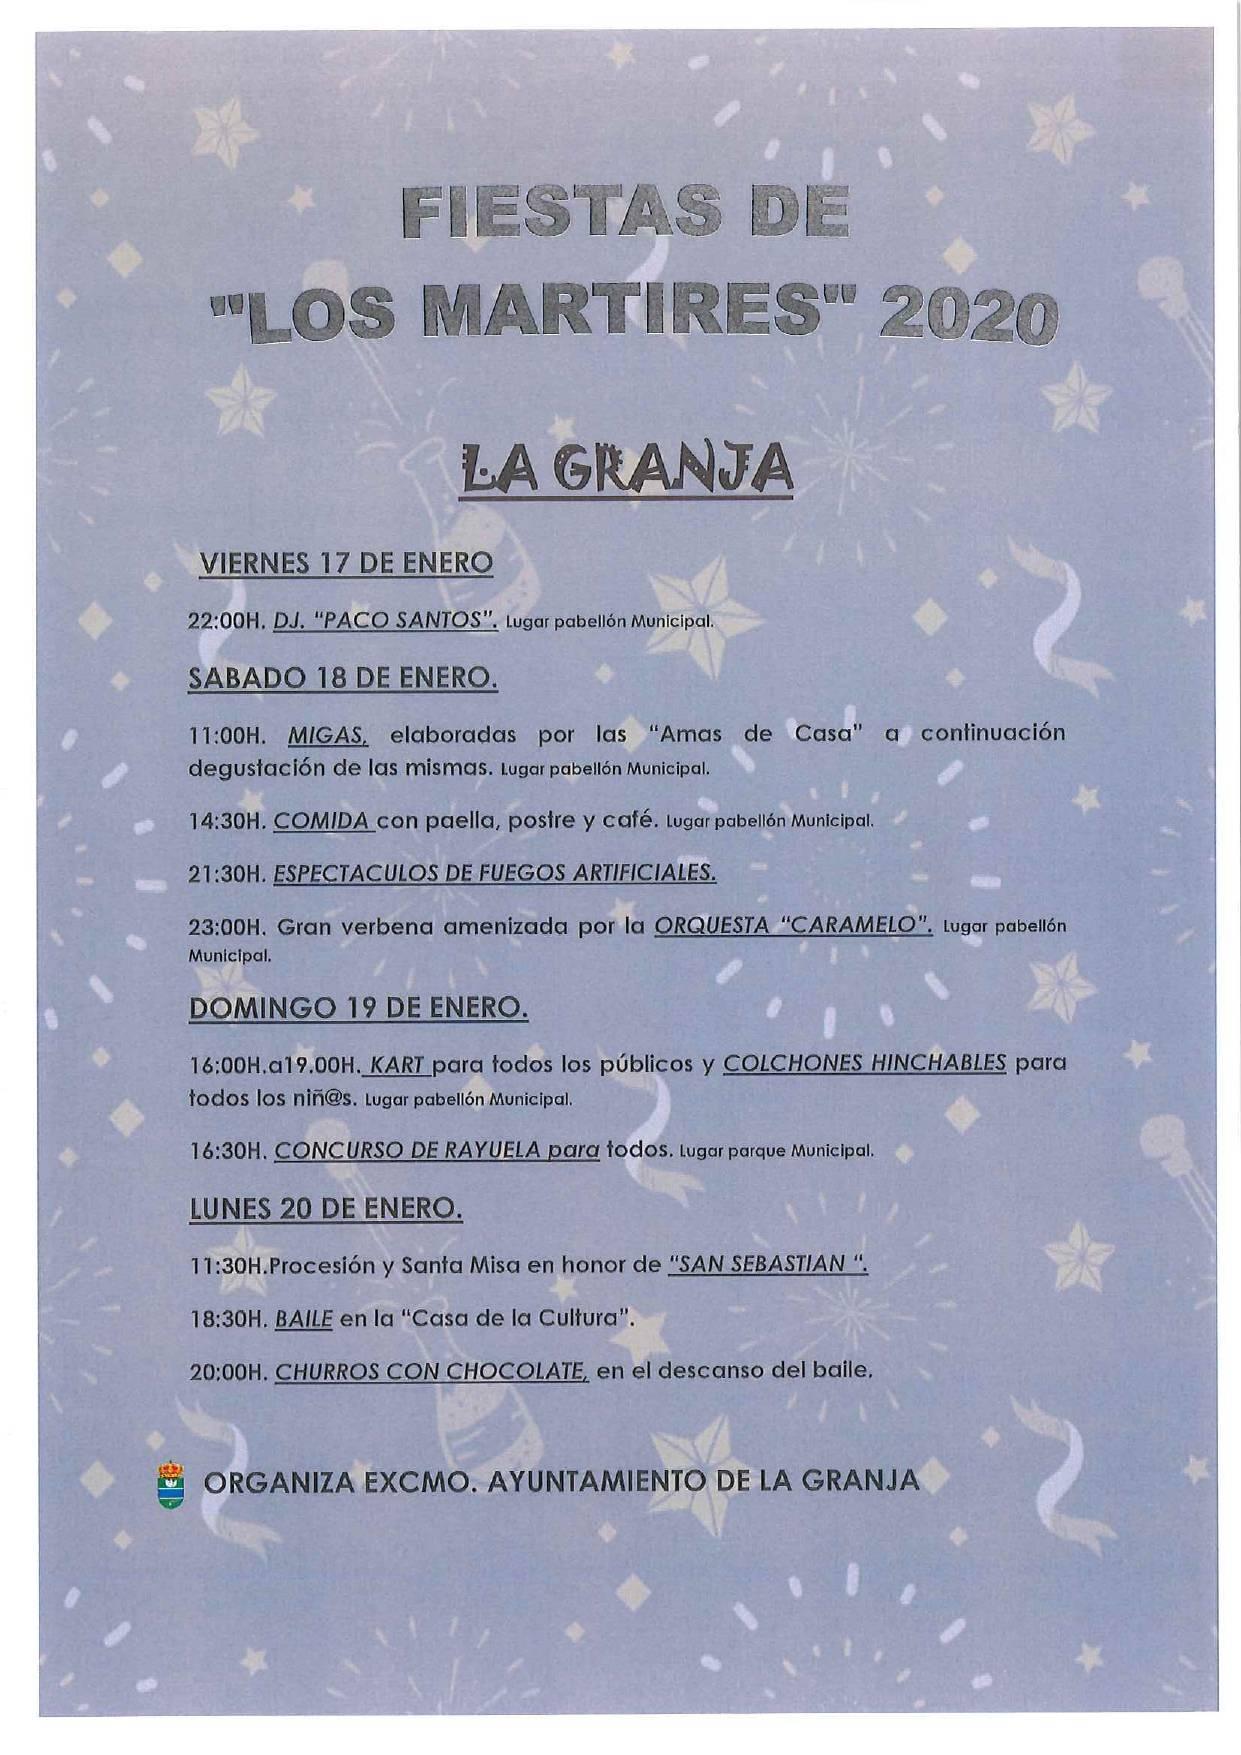 Fiestas de Los Mártires 2020 - La Granja (Cáceres)